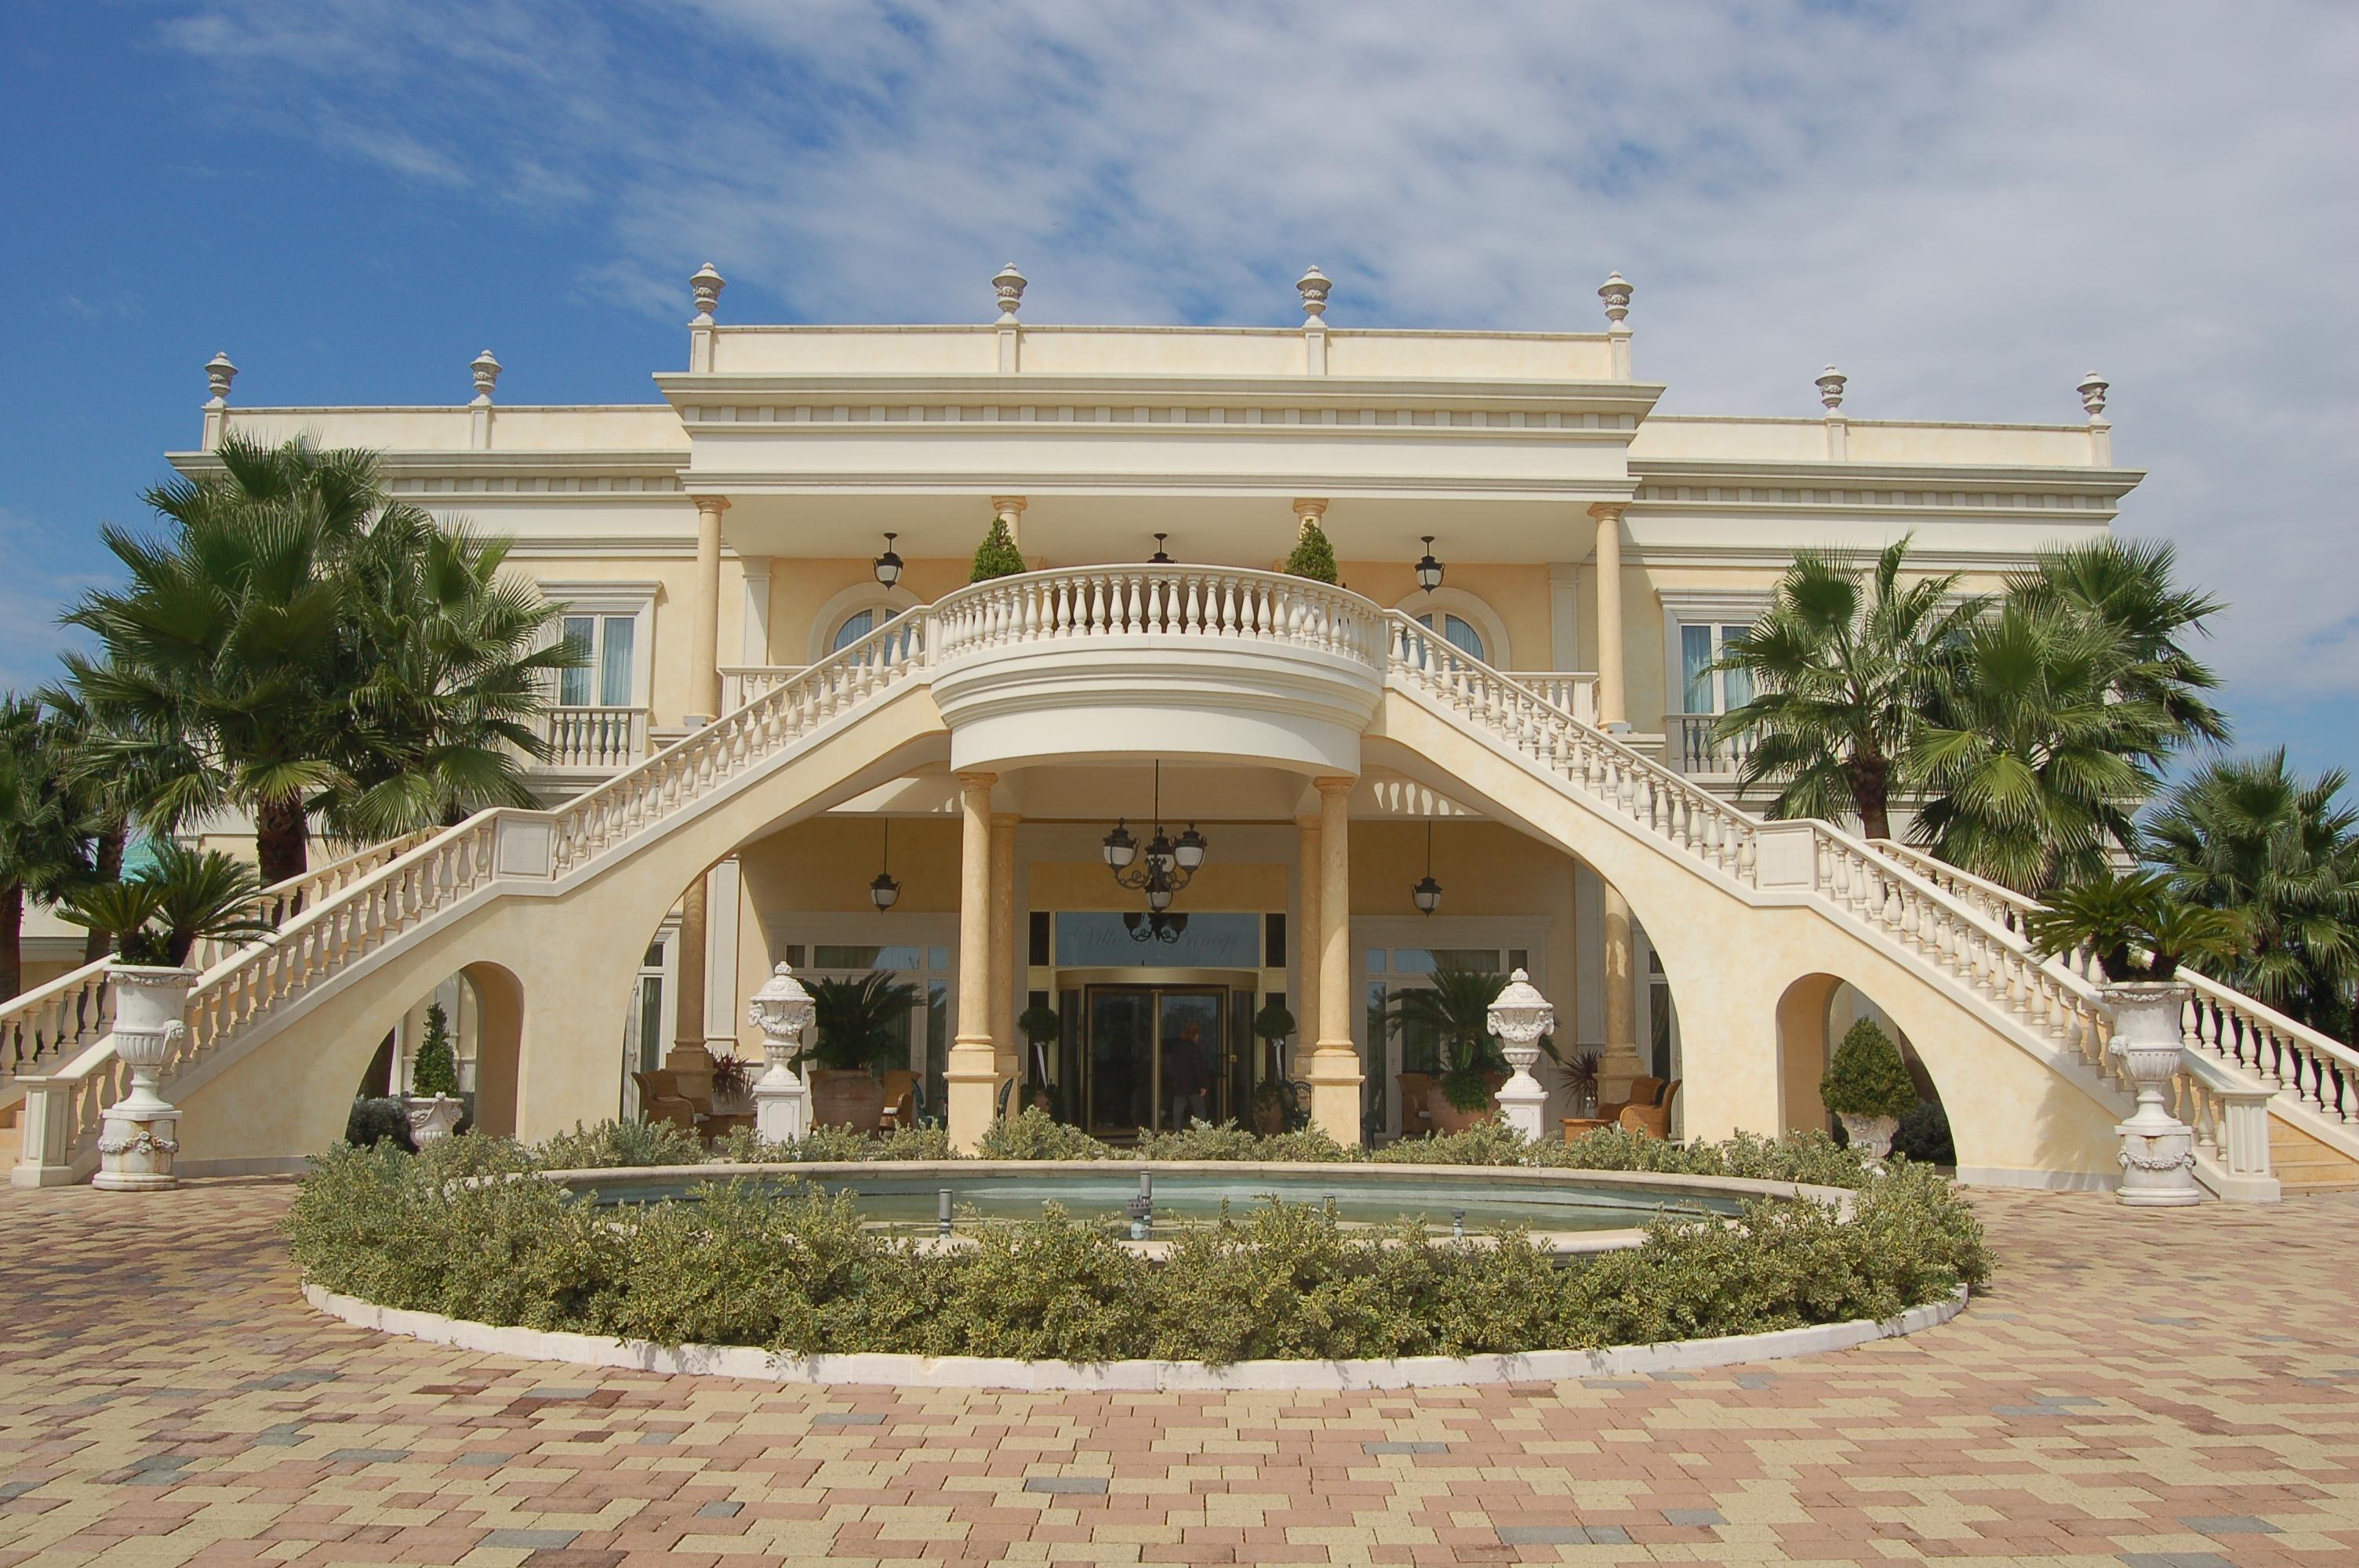 Villa dei principi laterza foto 67